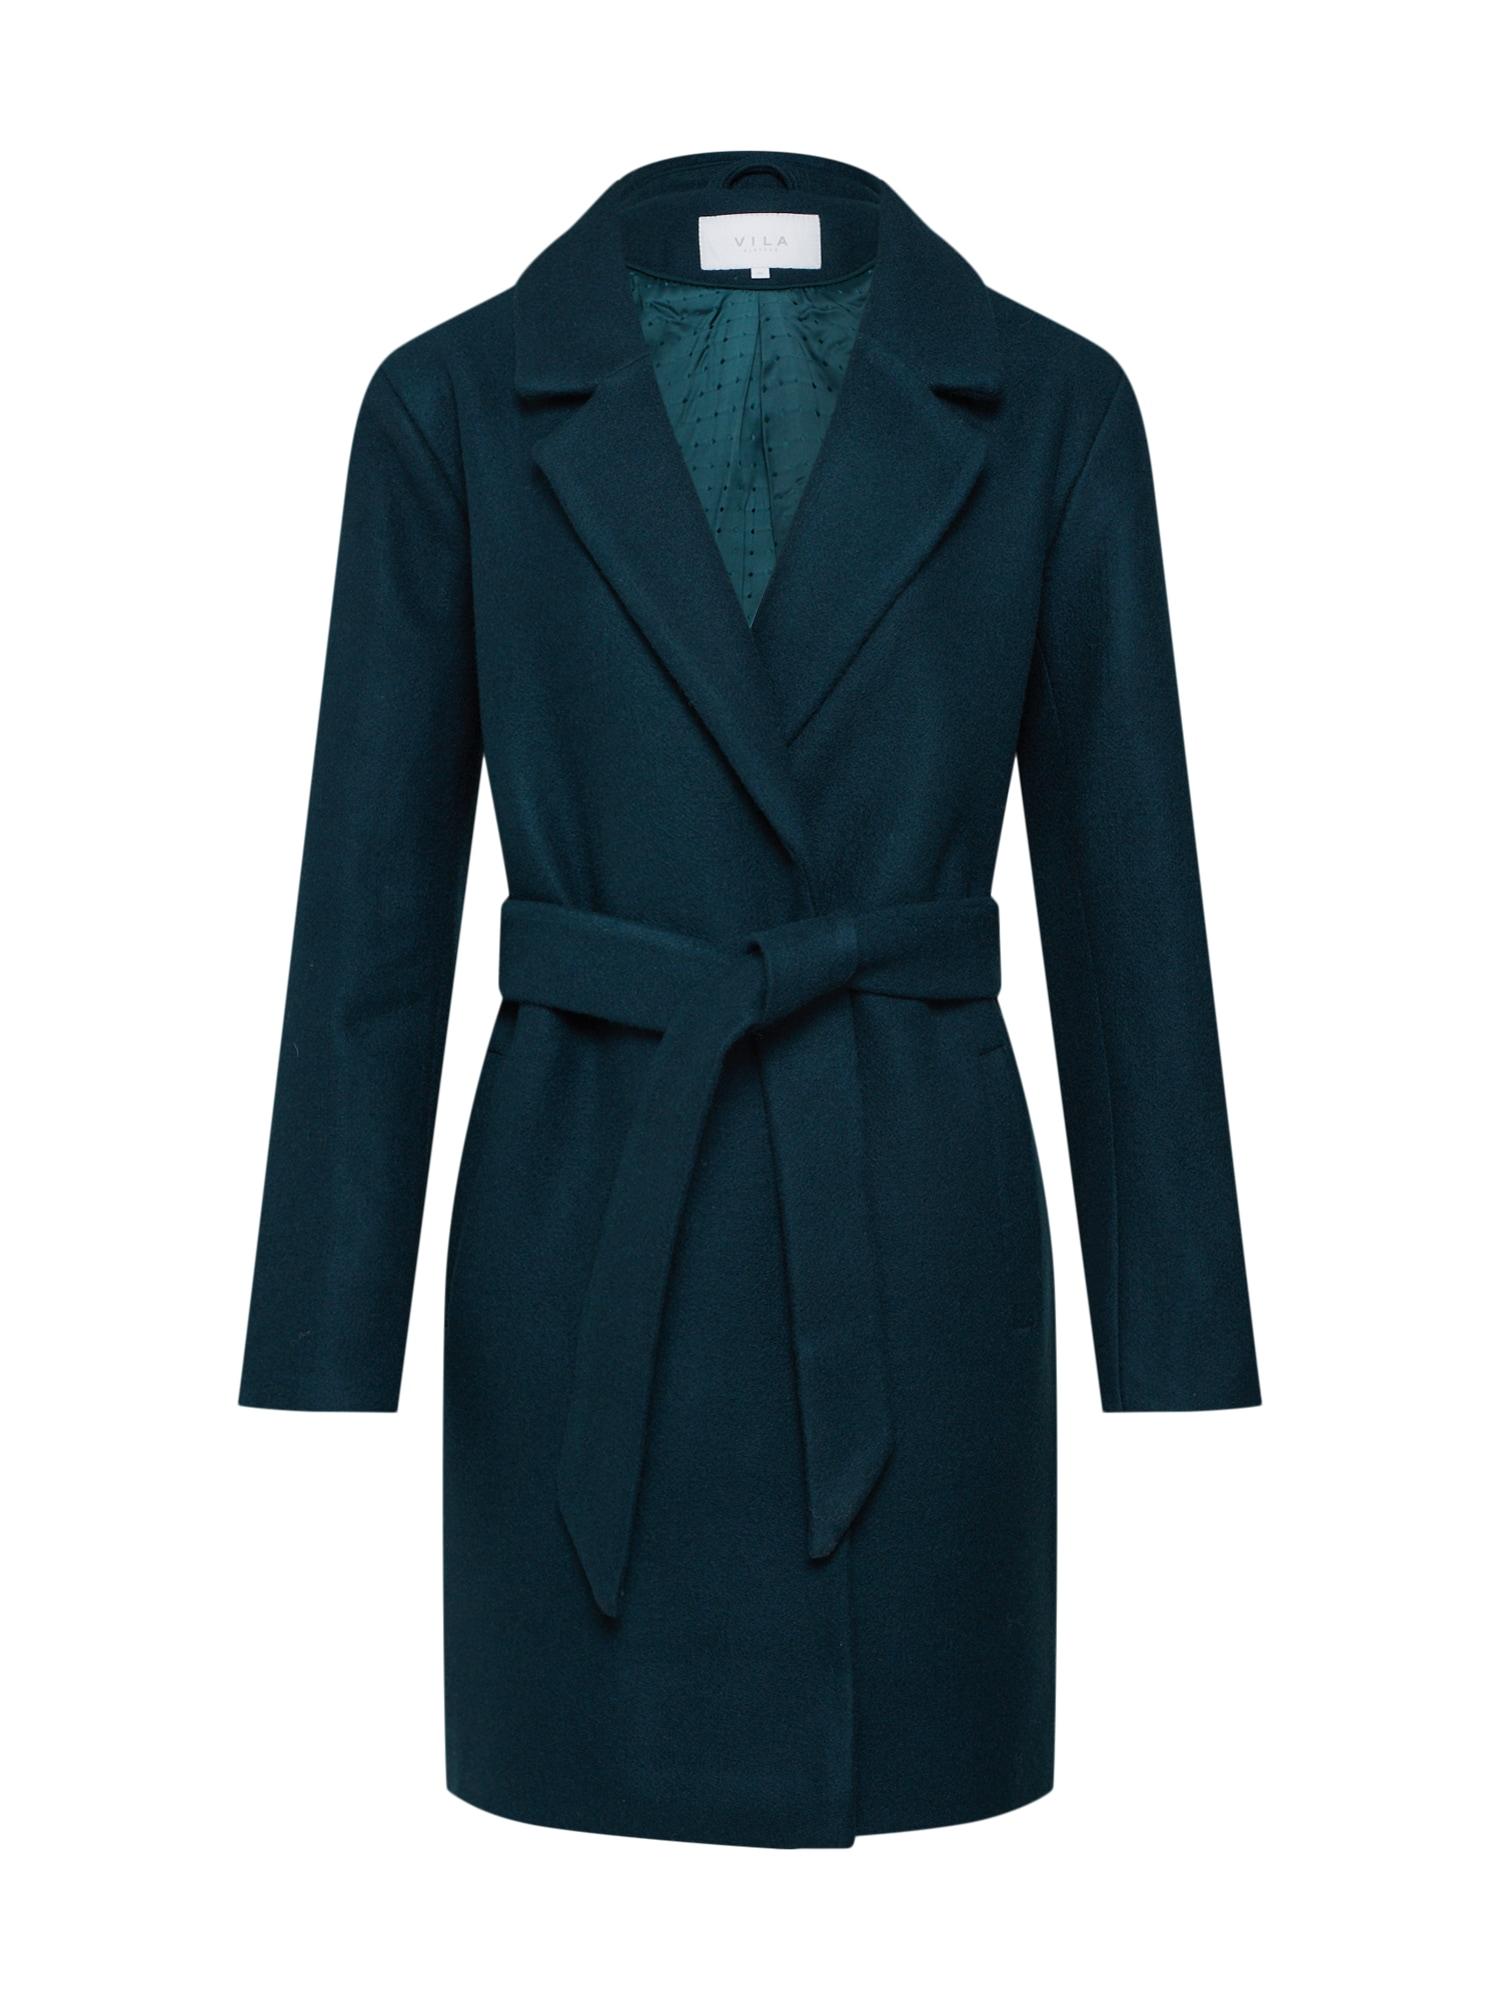 Přechodný kabát VILUS zelená VILA